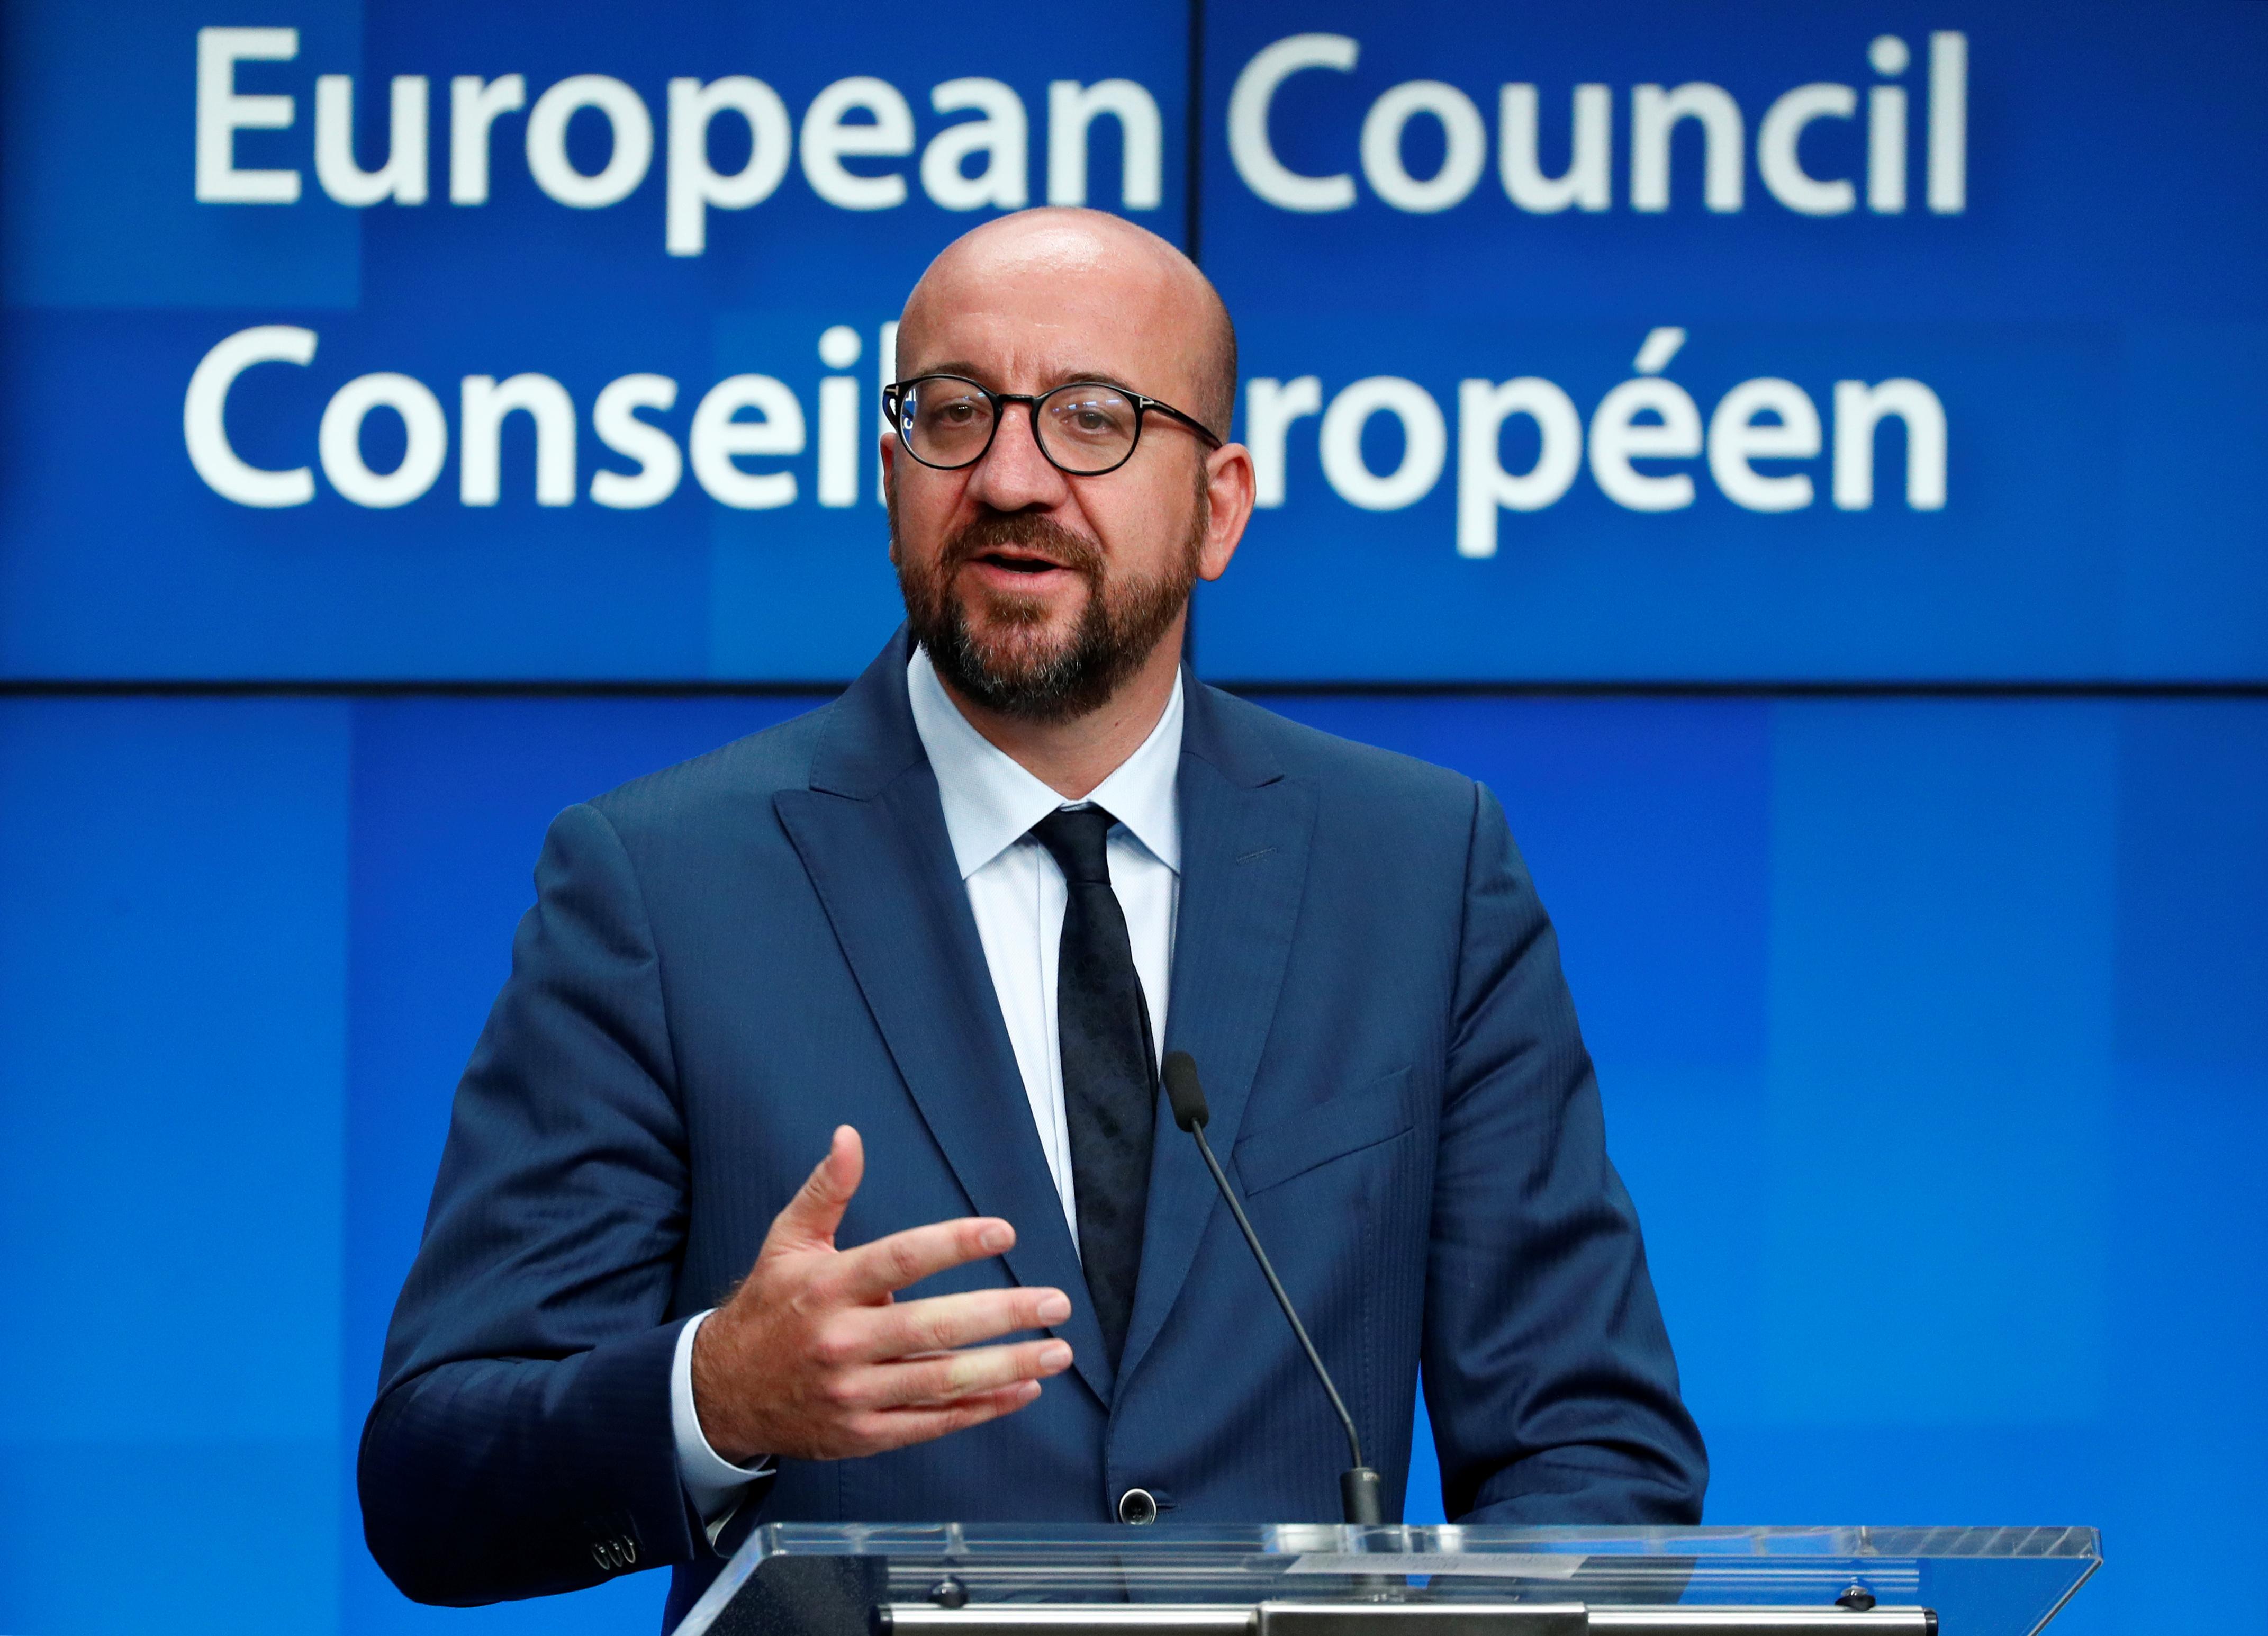 Σαρλ Μισέλ: Από πρωθυπουργός του Βελγίου στην προεδρία του ...